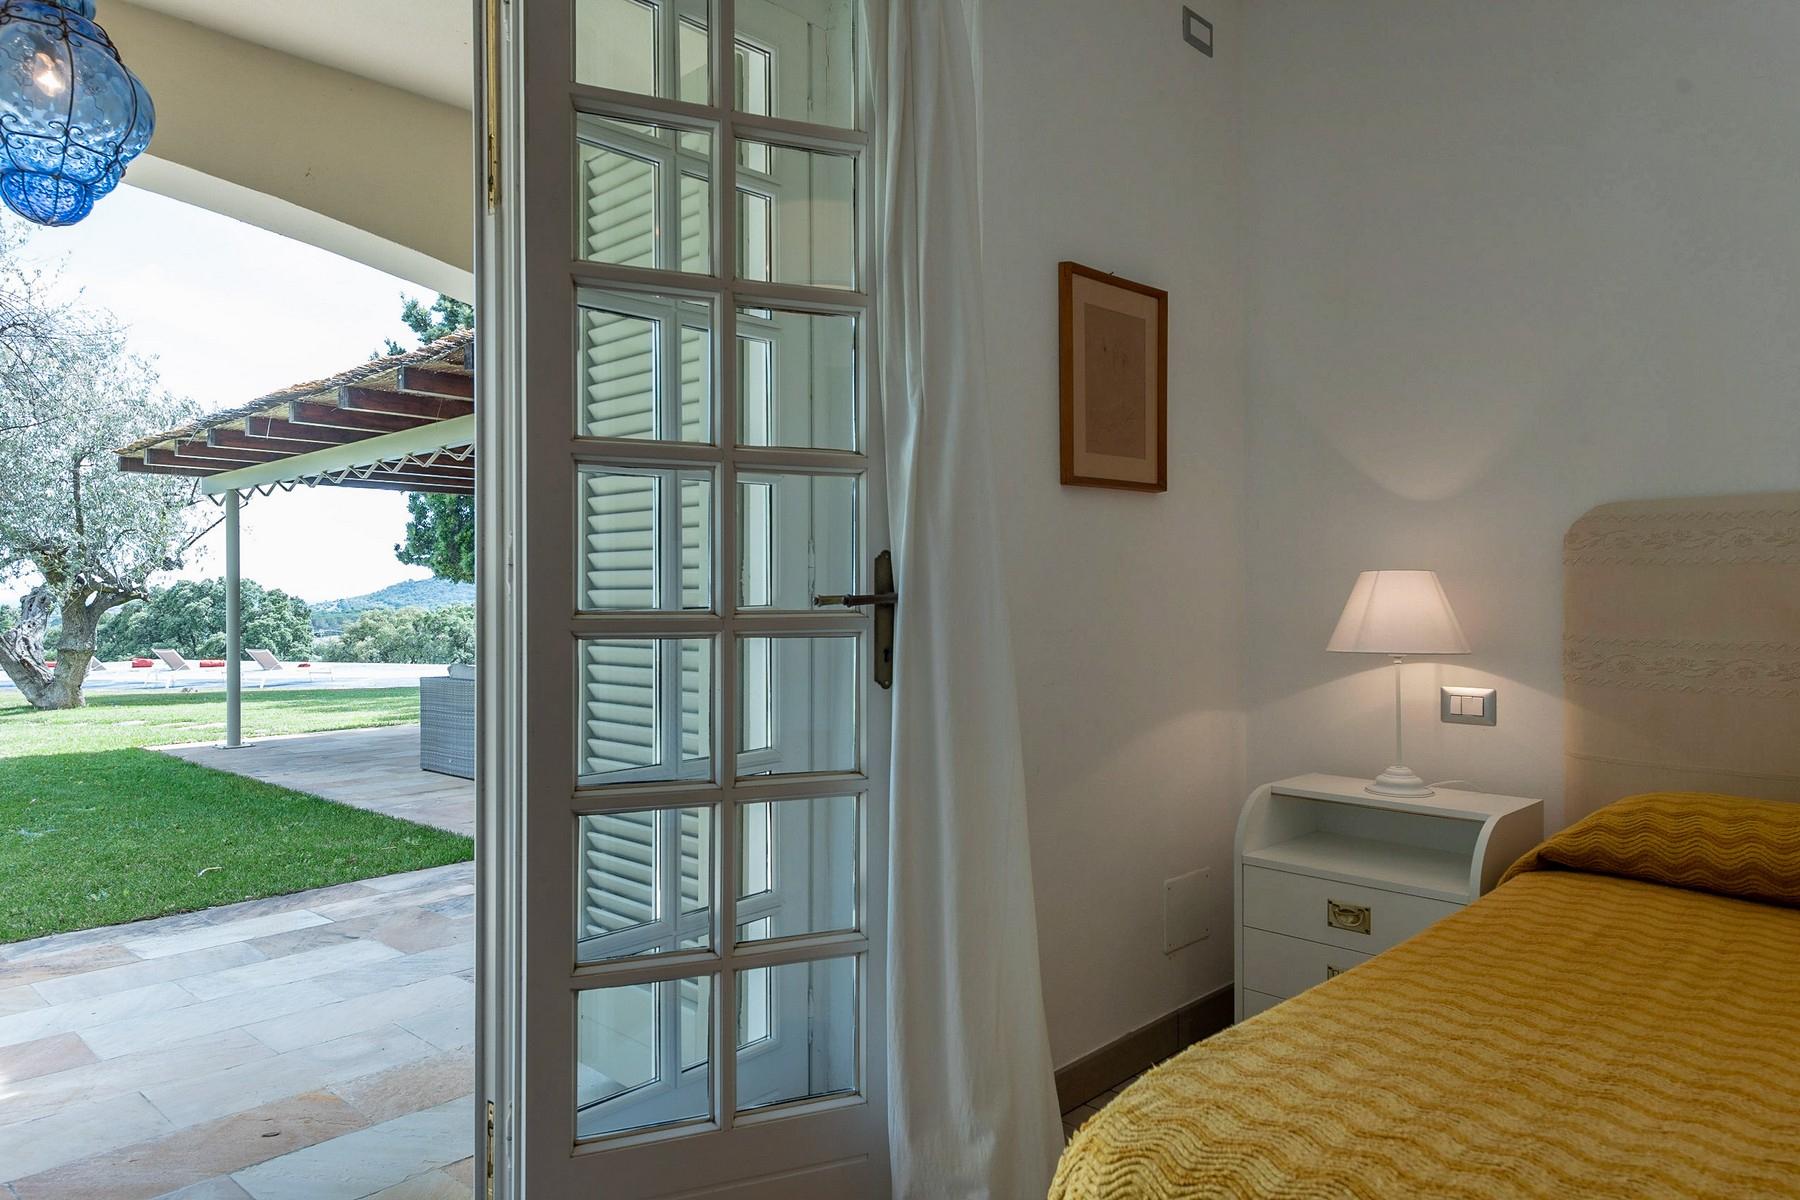 Villa in Vendita a Castiglione Della Pescaia: 5 locali, 310 mq - Foto 27